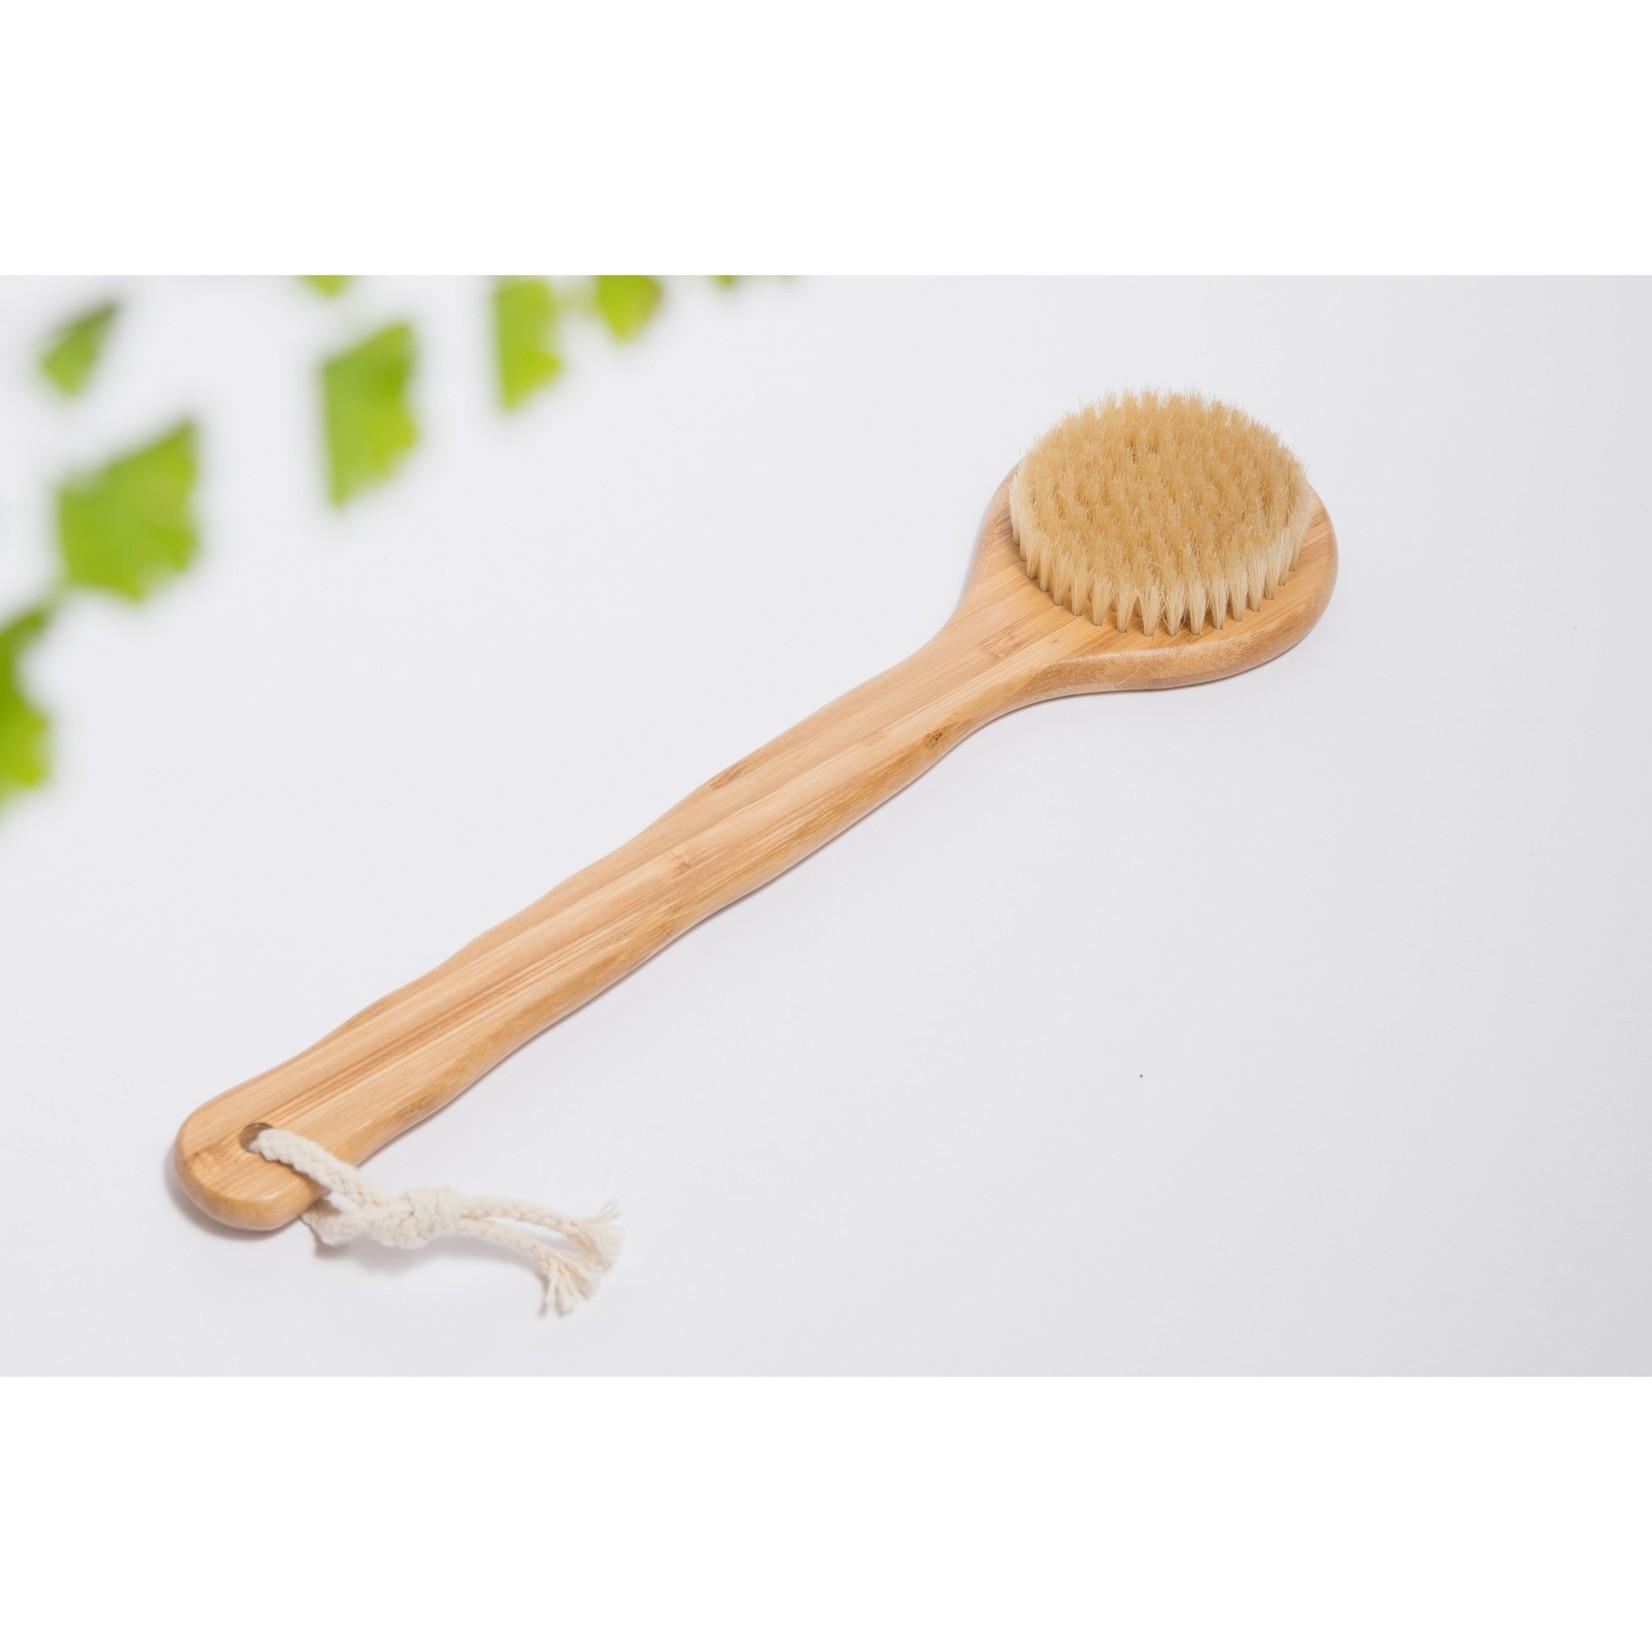 Brooklyn Made Natural Brooklyn Made Natural Bath Brush Body Brush